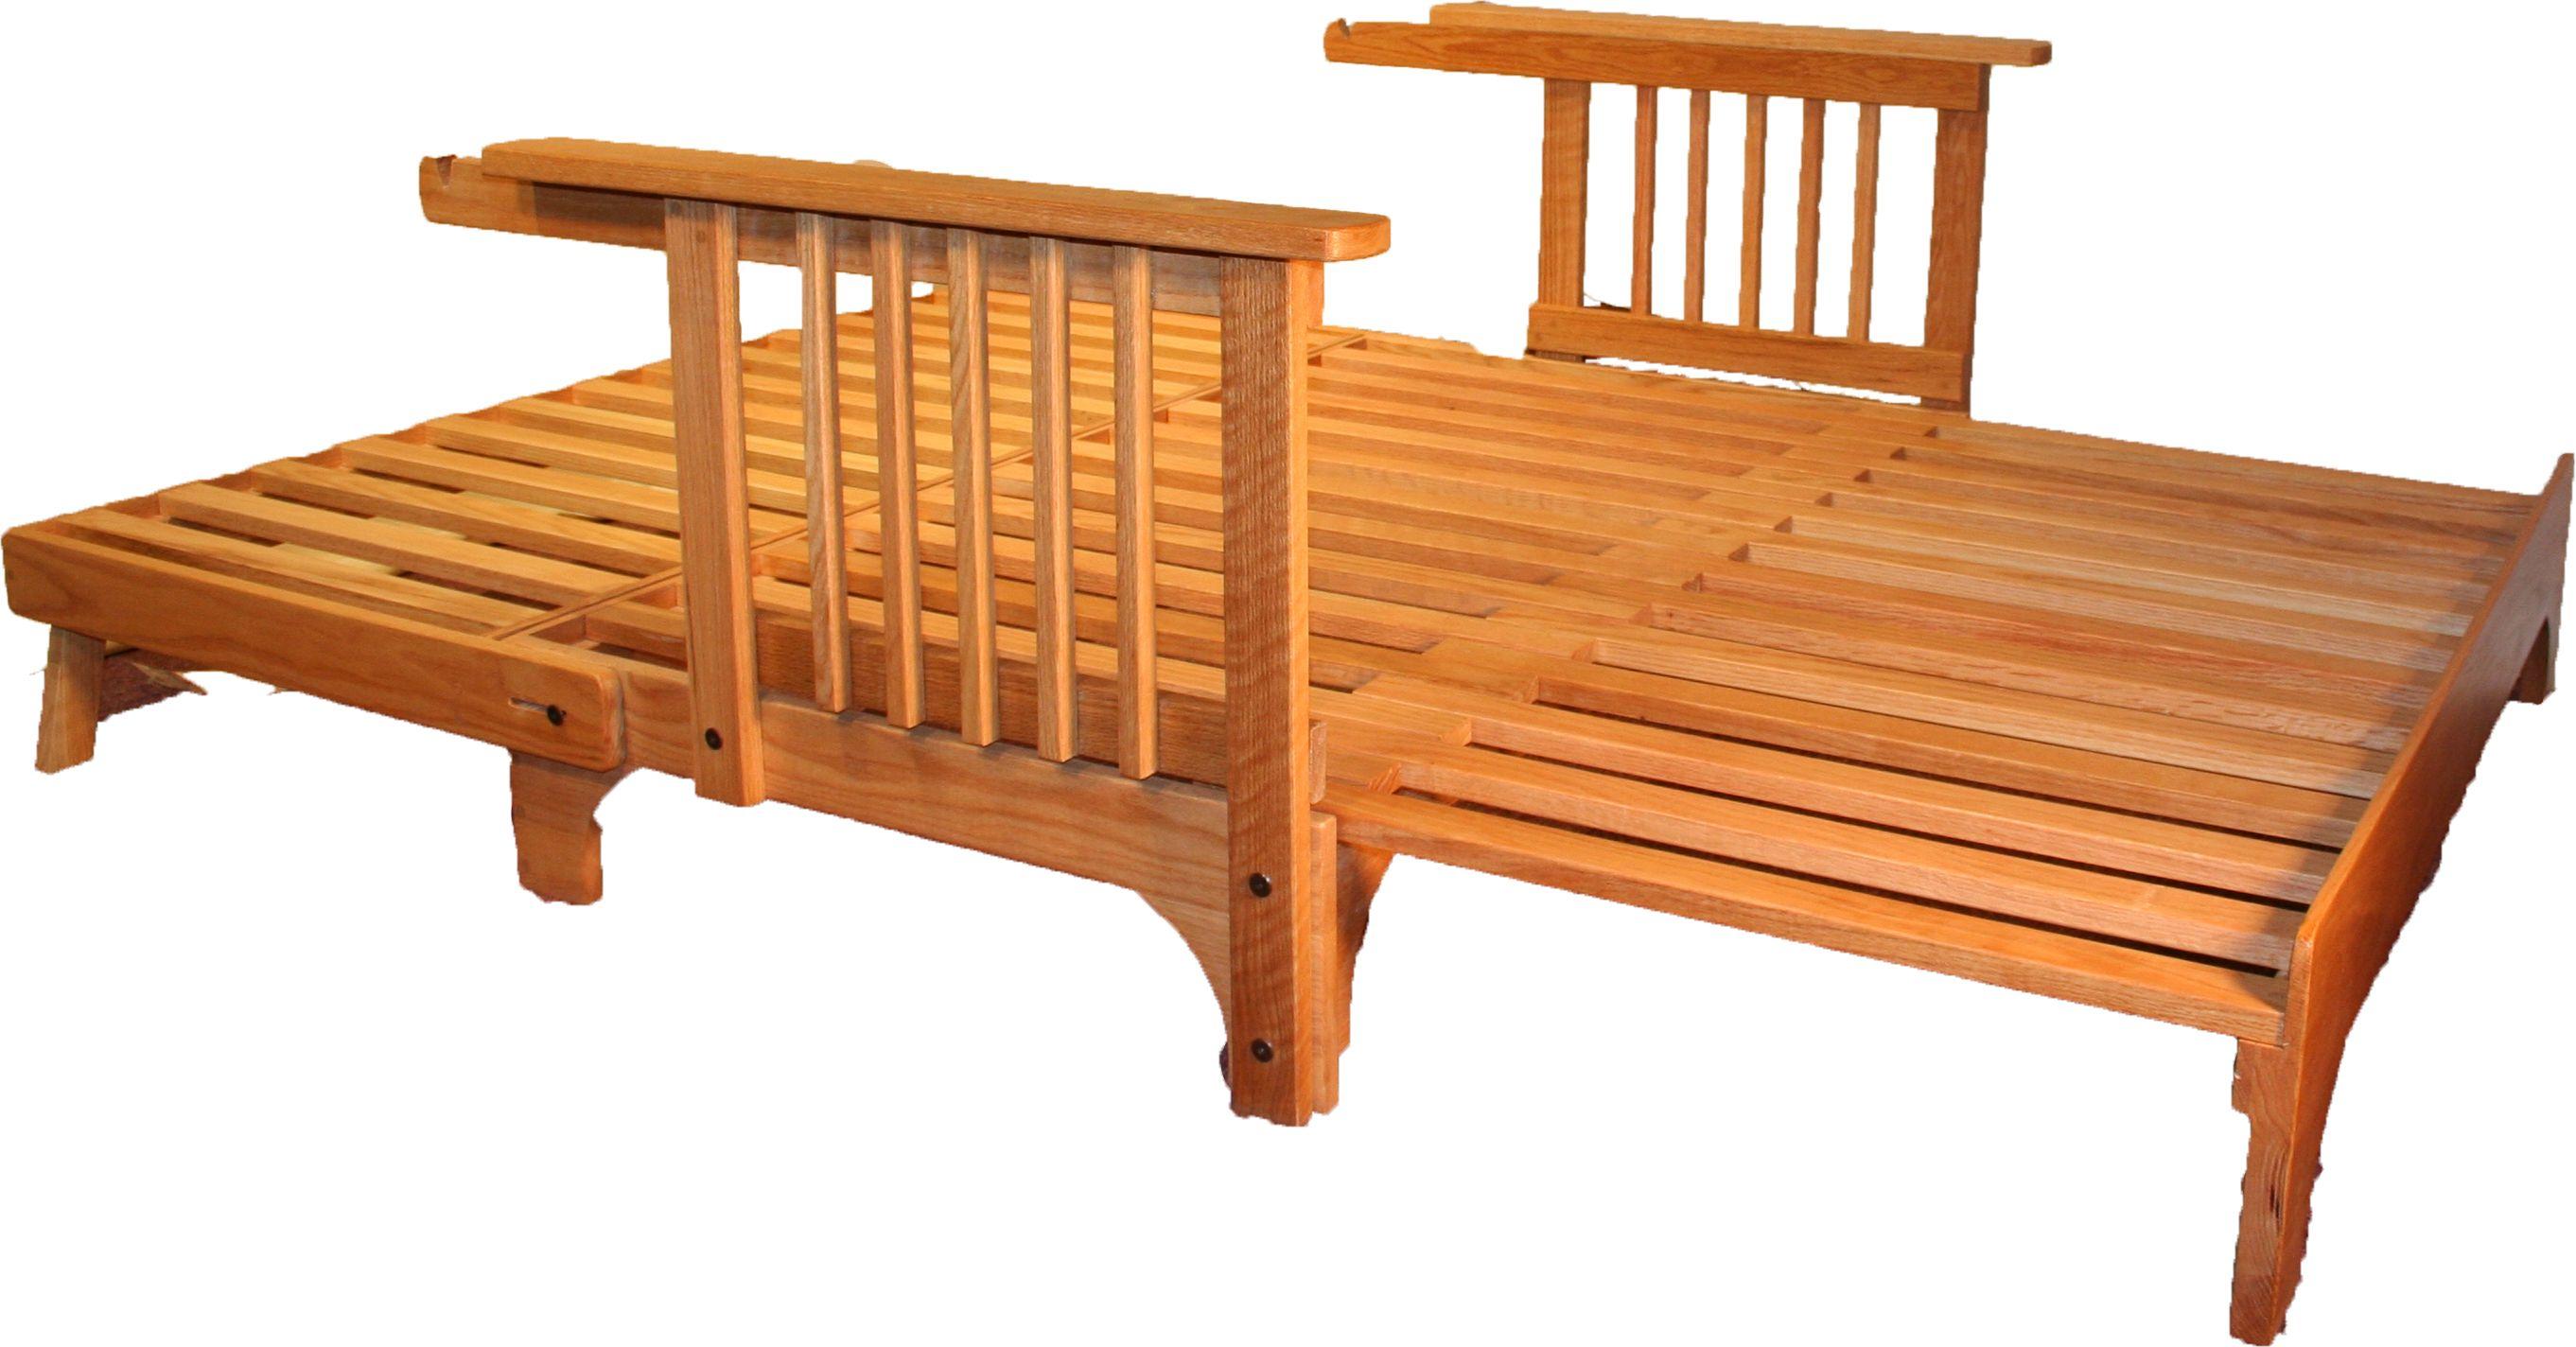 Image Result For Trifold Wooden Futon Frame Sommerhus